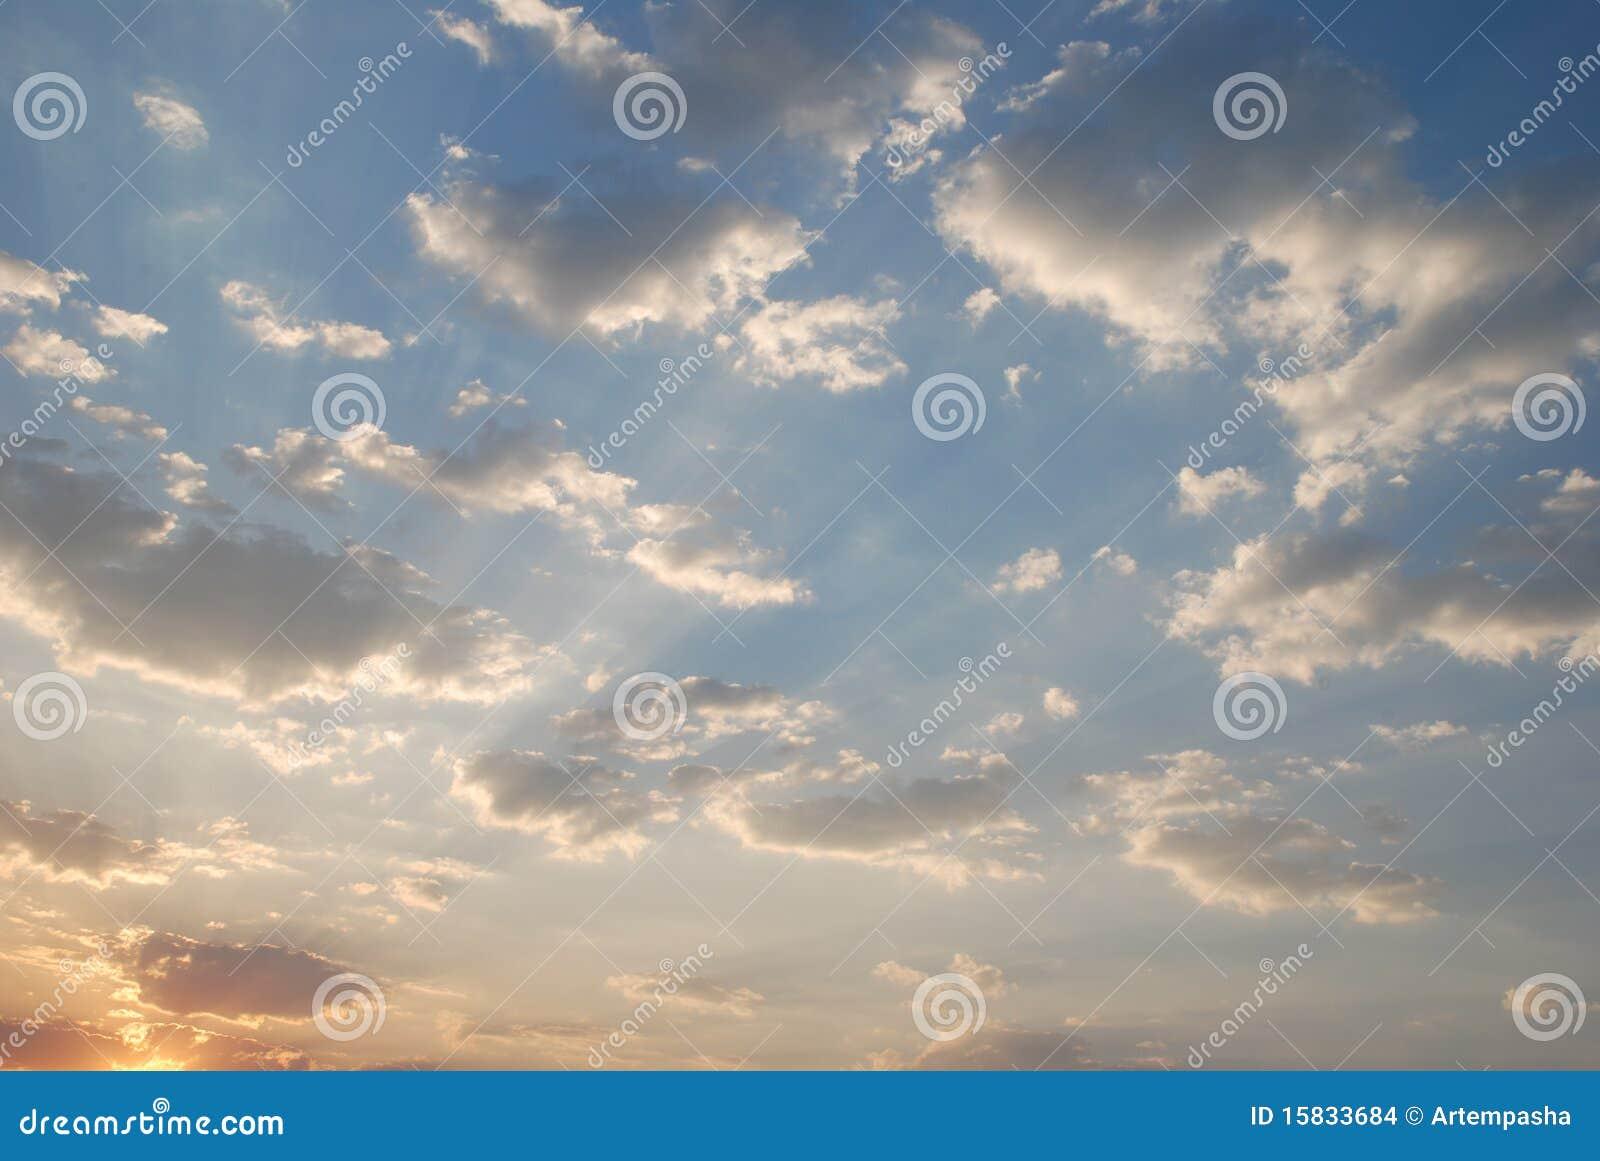 云彩 库存图片 - 图片: 15833684图片